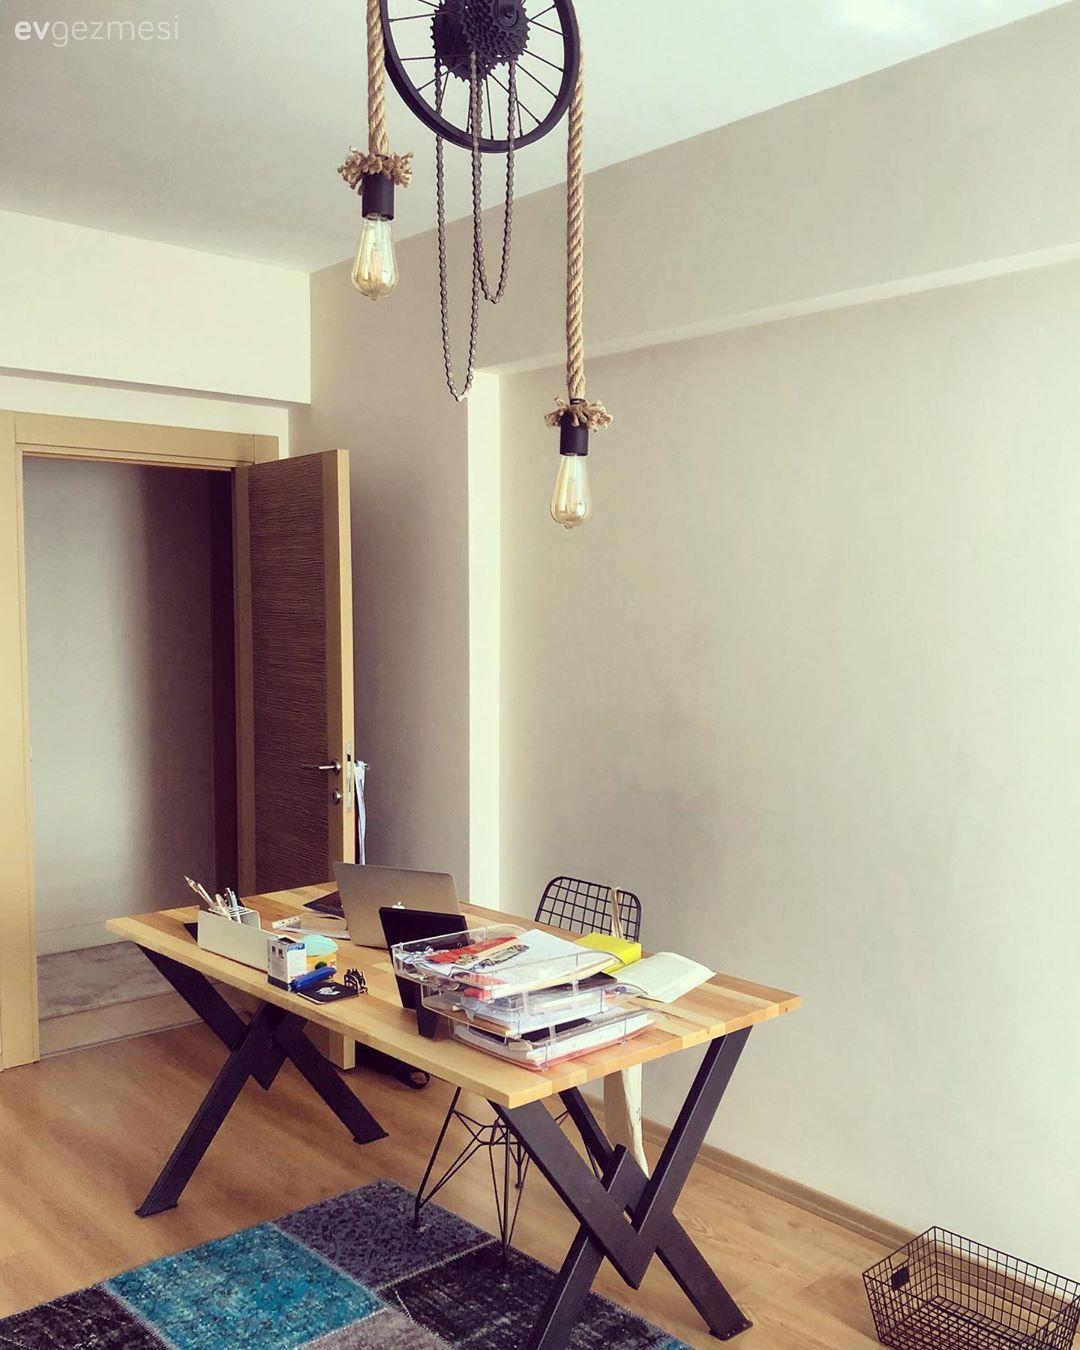 Çocuk Odası çalışma Masası Ve Ahşap Mobilyalar: Modern Ve Klasiği Buluşturan Bu Ev İddialı Parçalarla Dolu